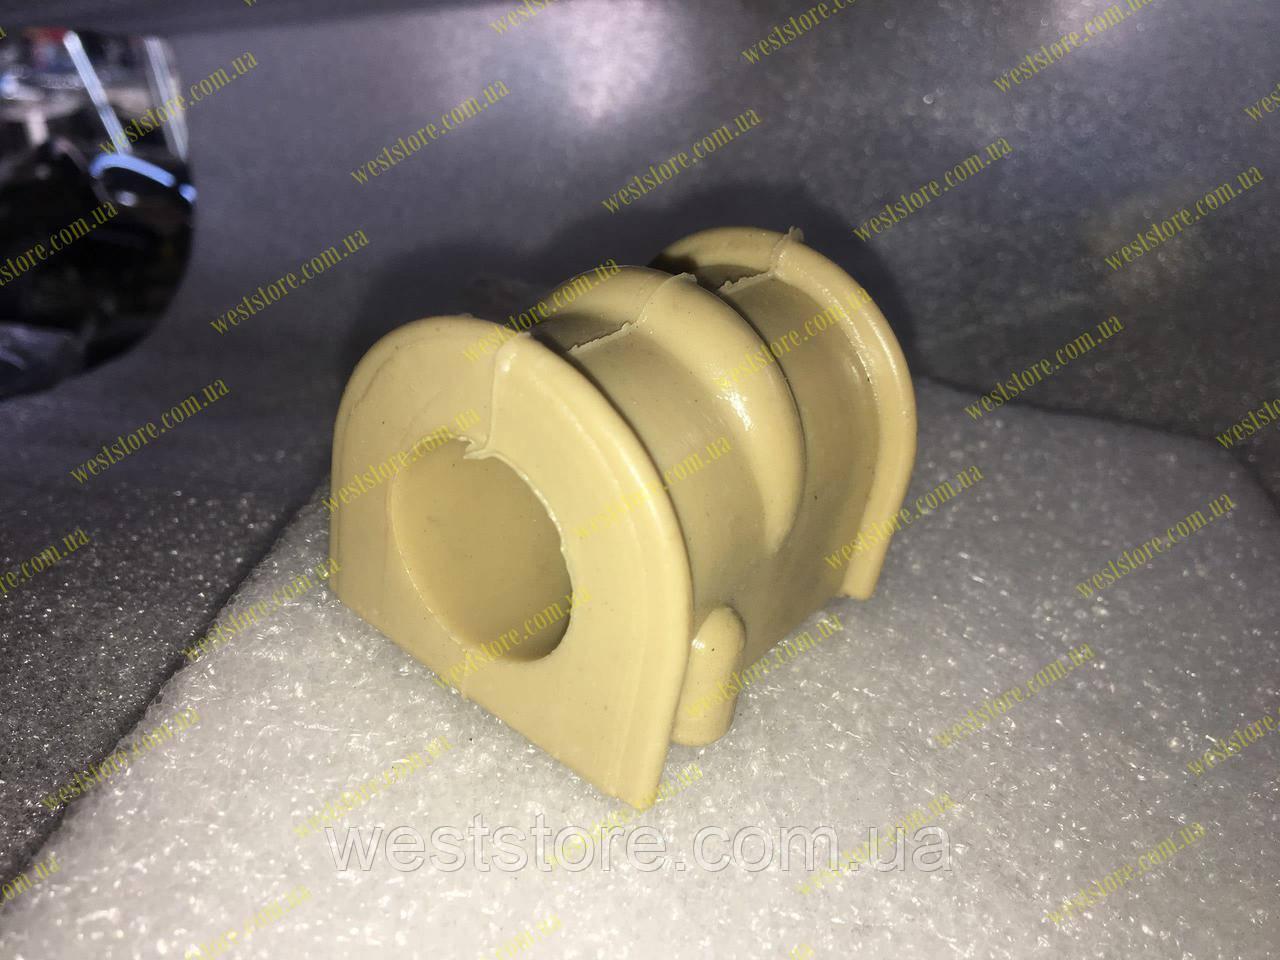 Втулка стабилизатора переднего с буртом (нового образца) Ланос Сенс Sens Lanos полиуретановая 96444926